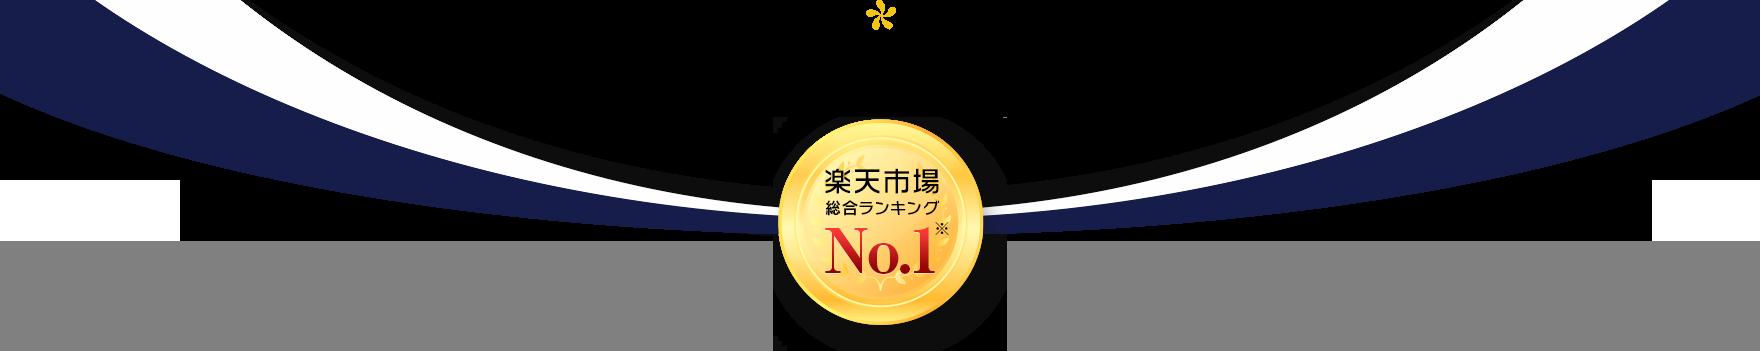 楽天総合ランキングNo.1